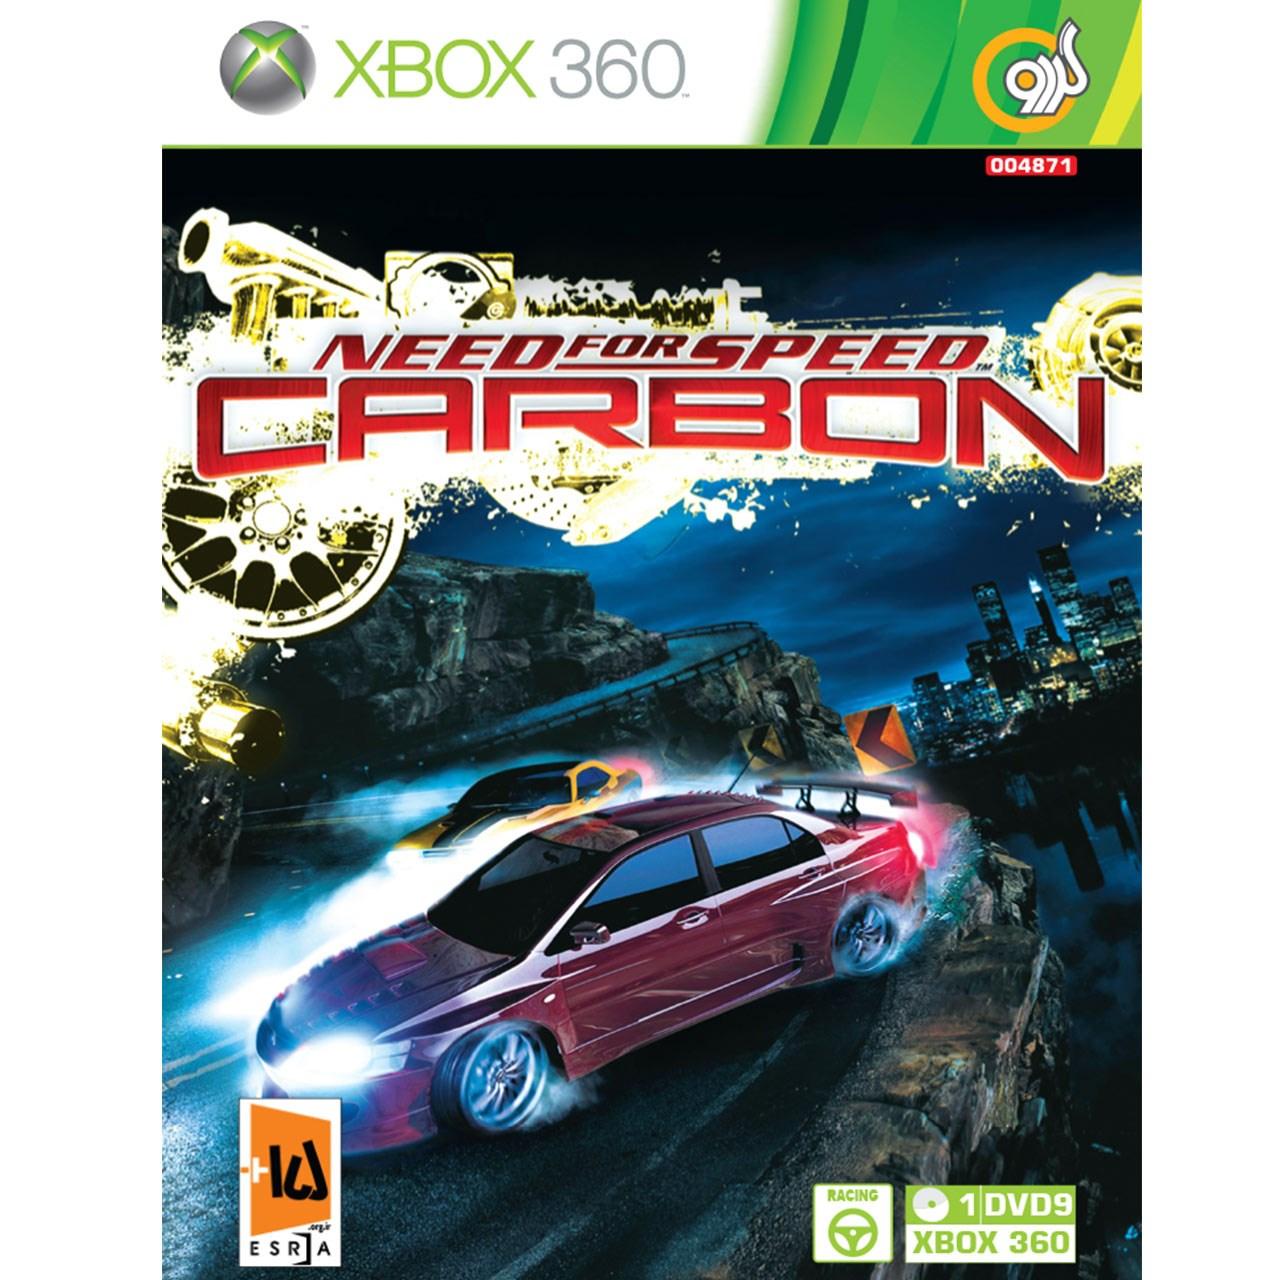 بررسی و {خرید با تخفیف} بازی Need For Speed Carbon مخصوص Xbox 360 اصل